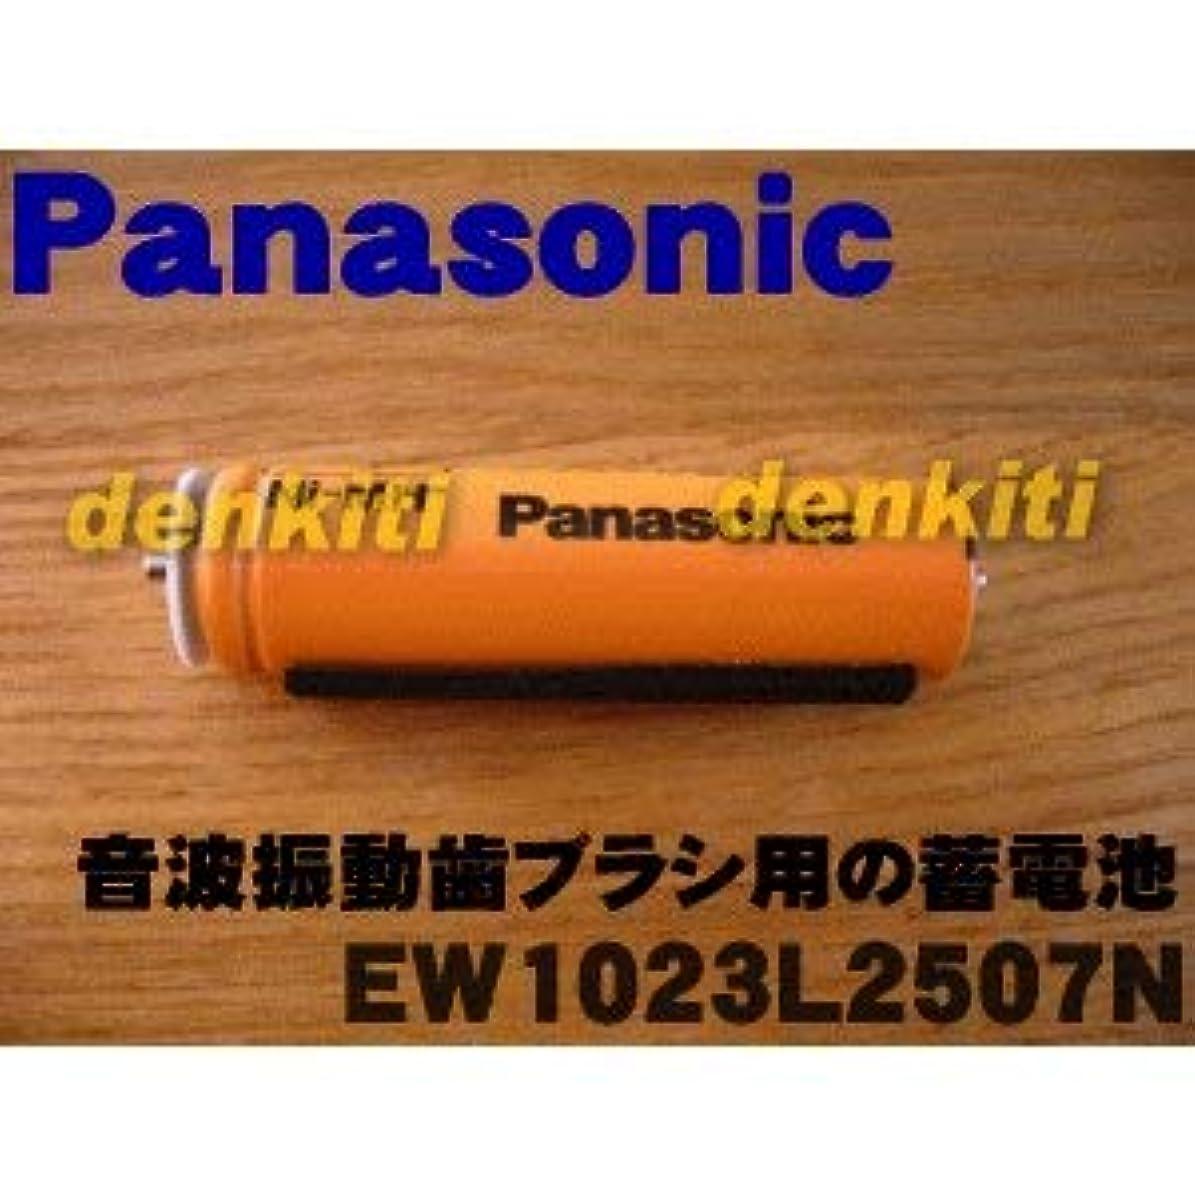 長さ膨らませる省【ゆうパケット対応品】 パナソニック Panasonic 音波振動ハブラシ Doltz 蓄電池交換用蓄電池 EW1023L2507N